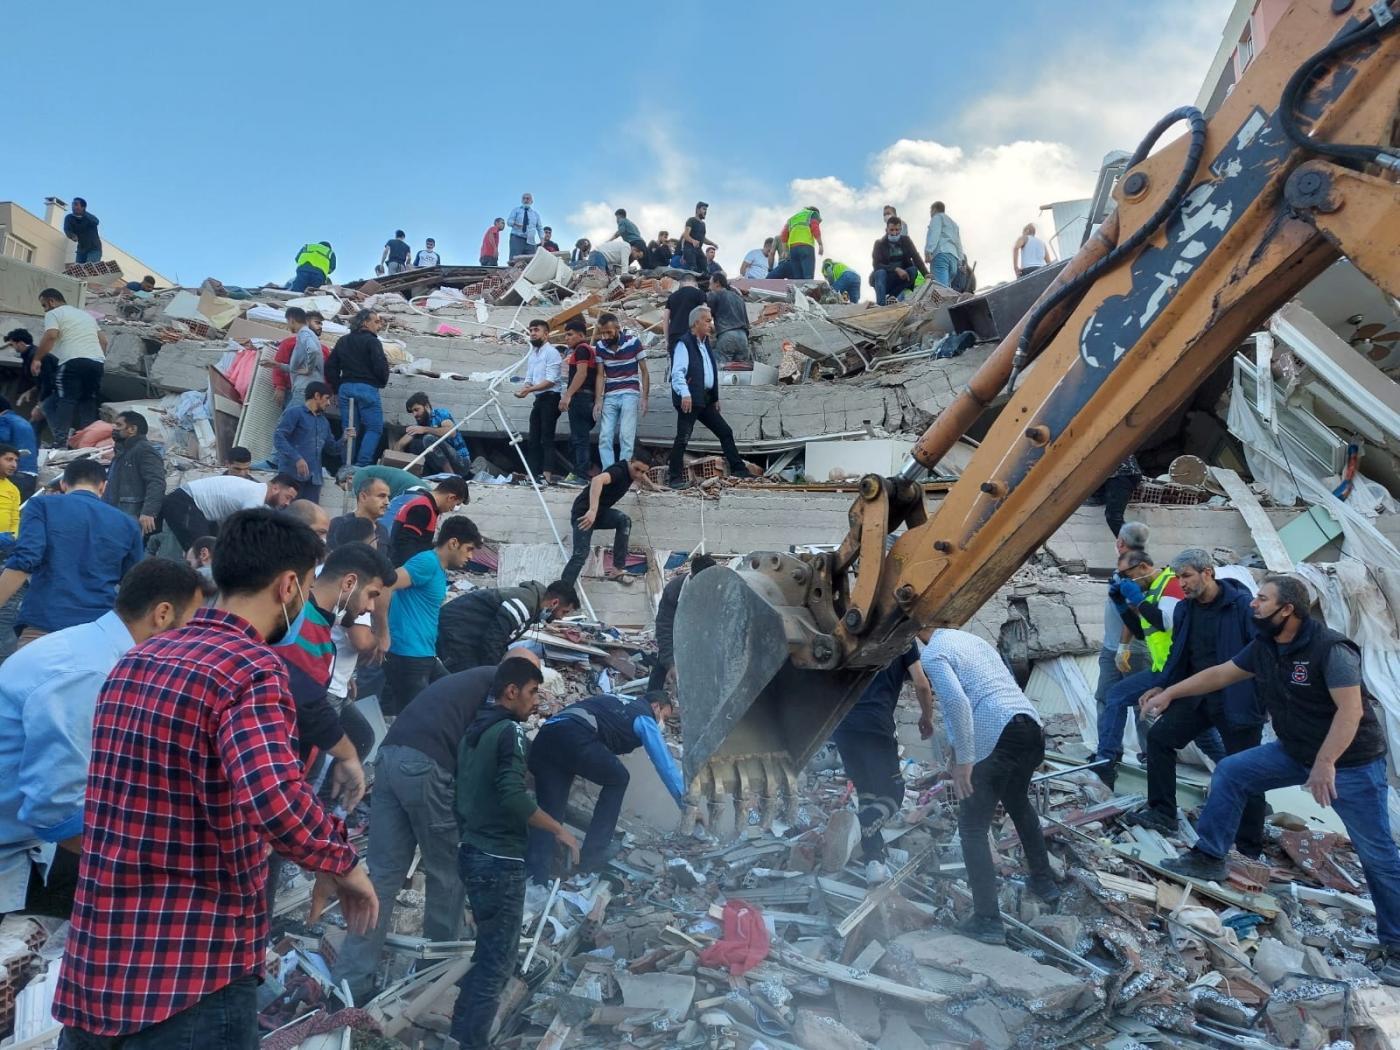 Tërmeti në Greqi: Mes viktimave 2 fëmijë, i zuri poshtë godina kur po ktheheshin nga shkolla